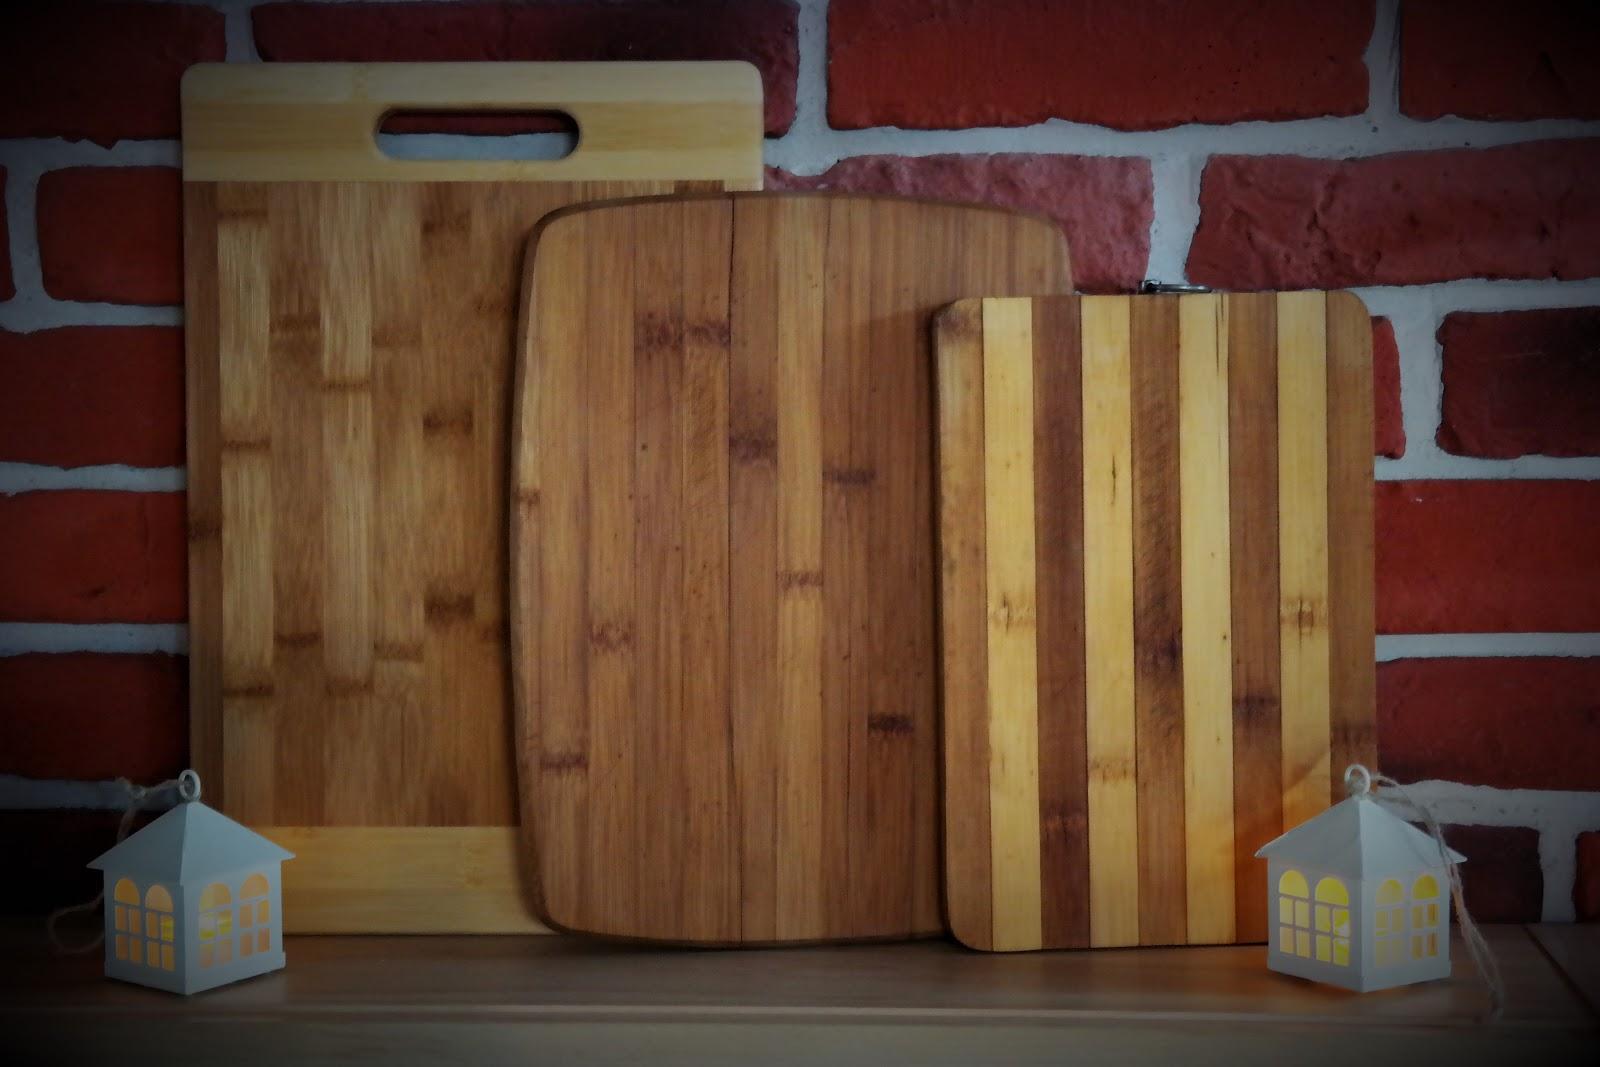 Drewniane deski do krojenia - wybór, pielęgnacja i impregnacja